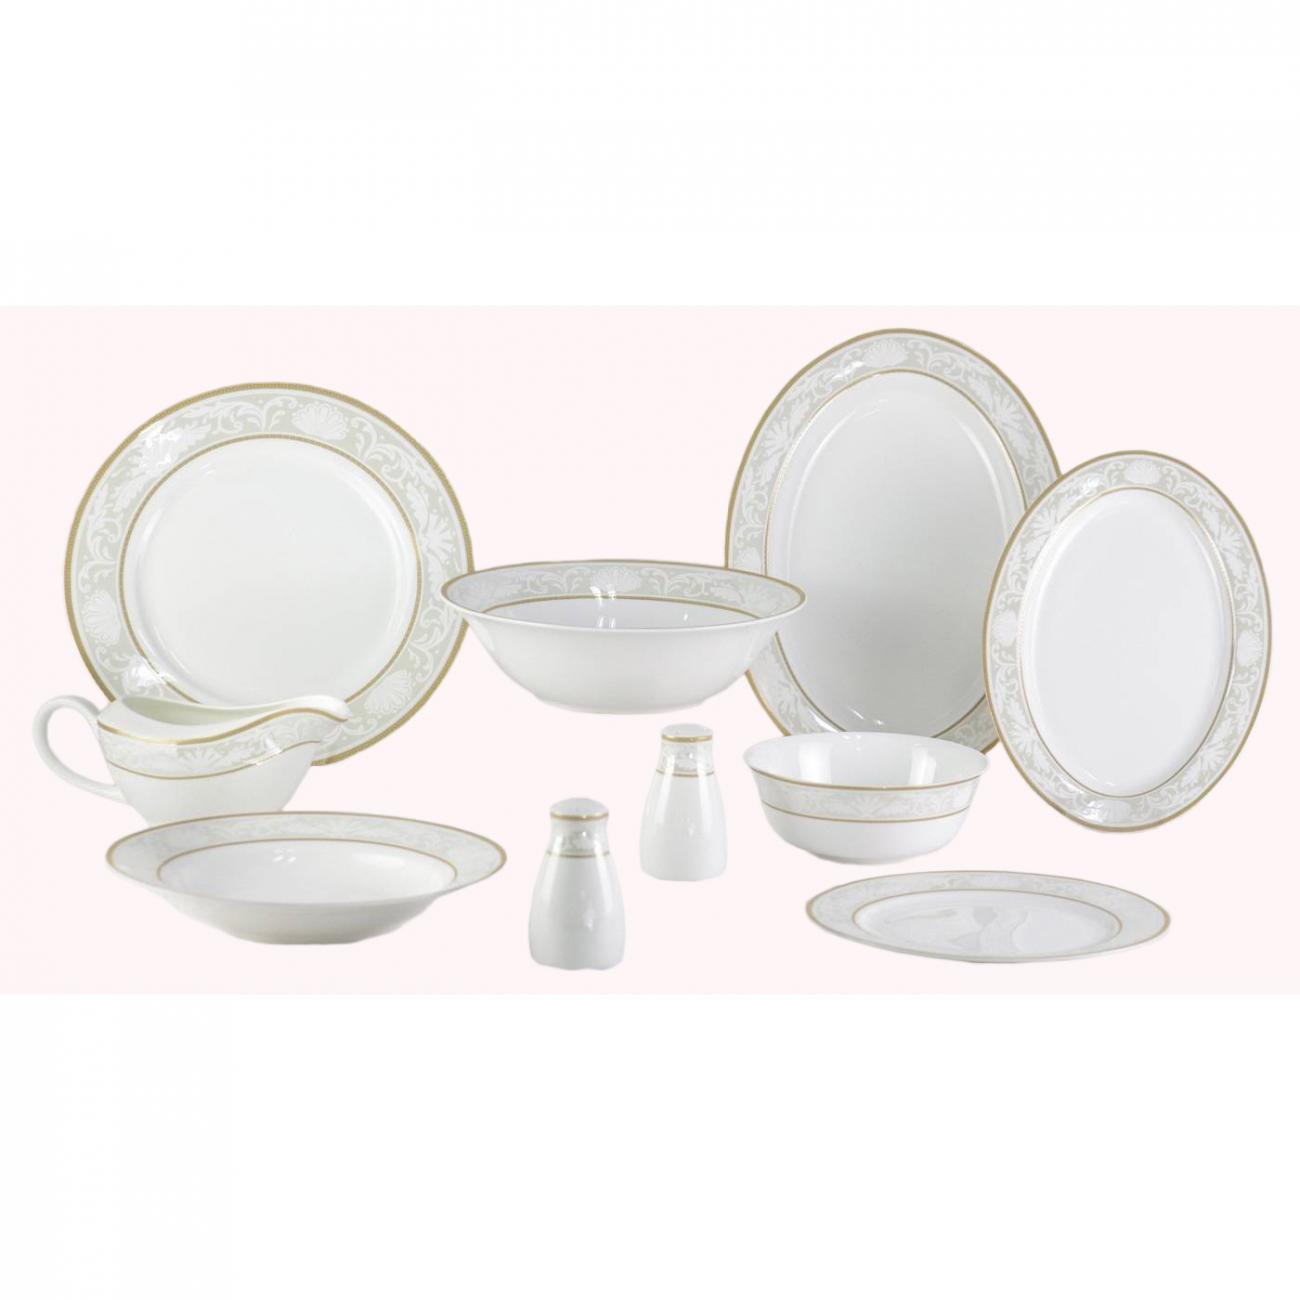 Купить Набор посуды Marbella 26 pcs dinner set в интернет магазине дизайнерской мебели и аксессуаров для дома и дачи